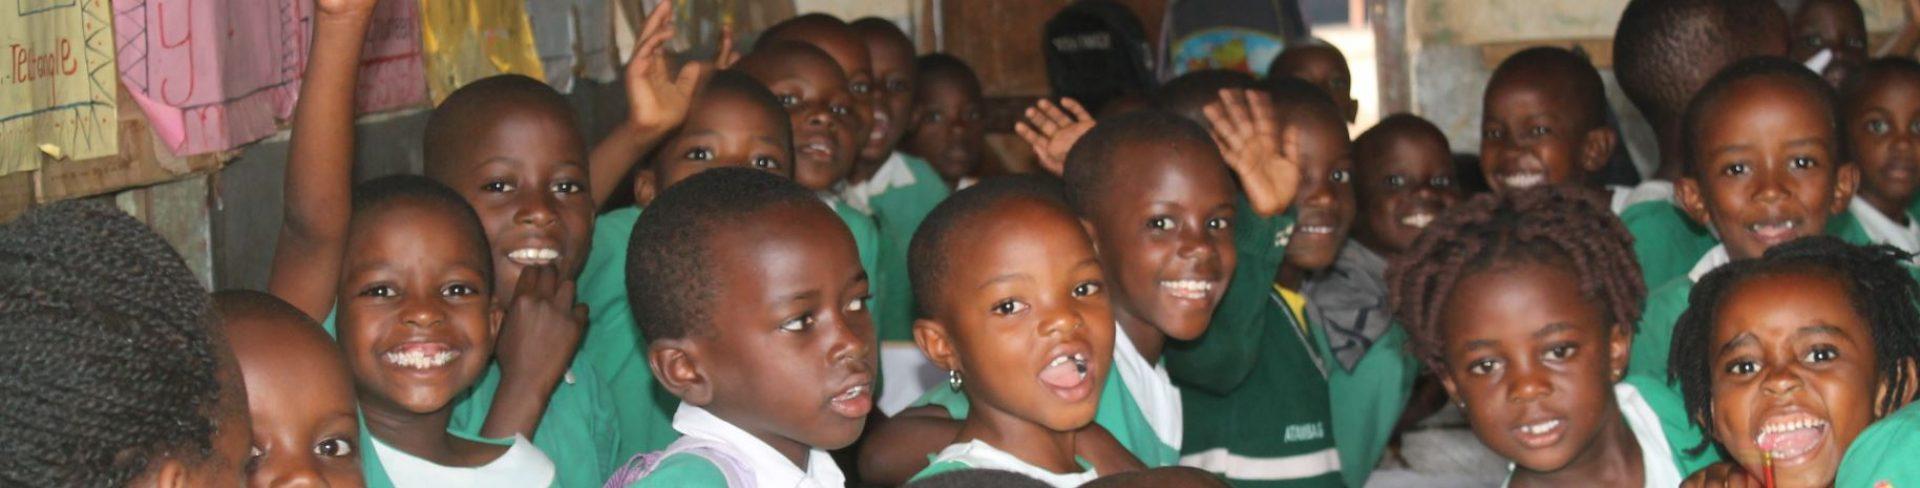 Een klas vol lachende kinderen in Oeganda.